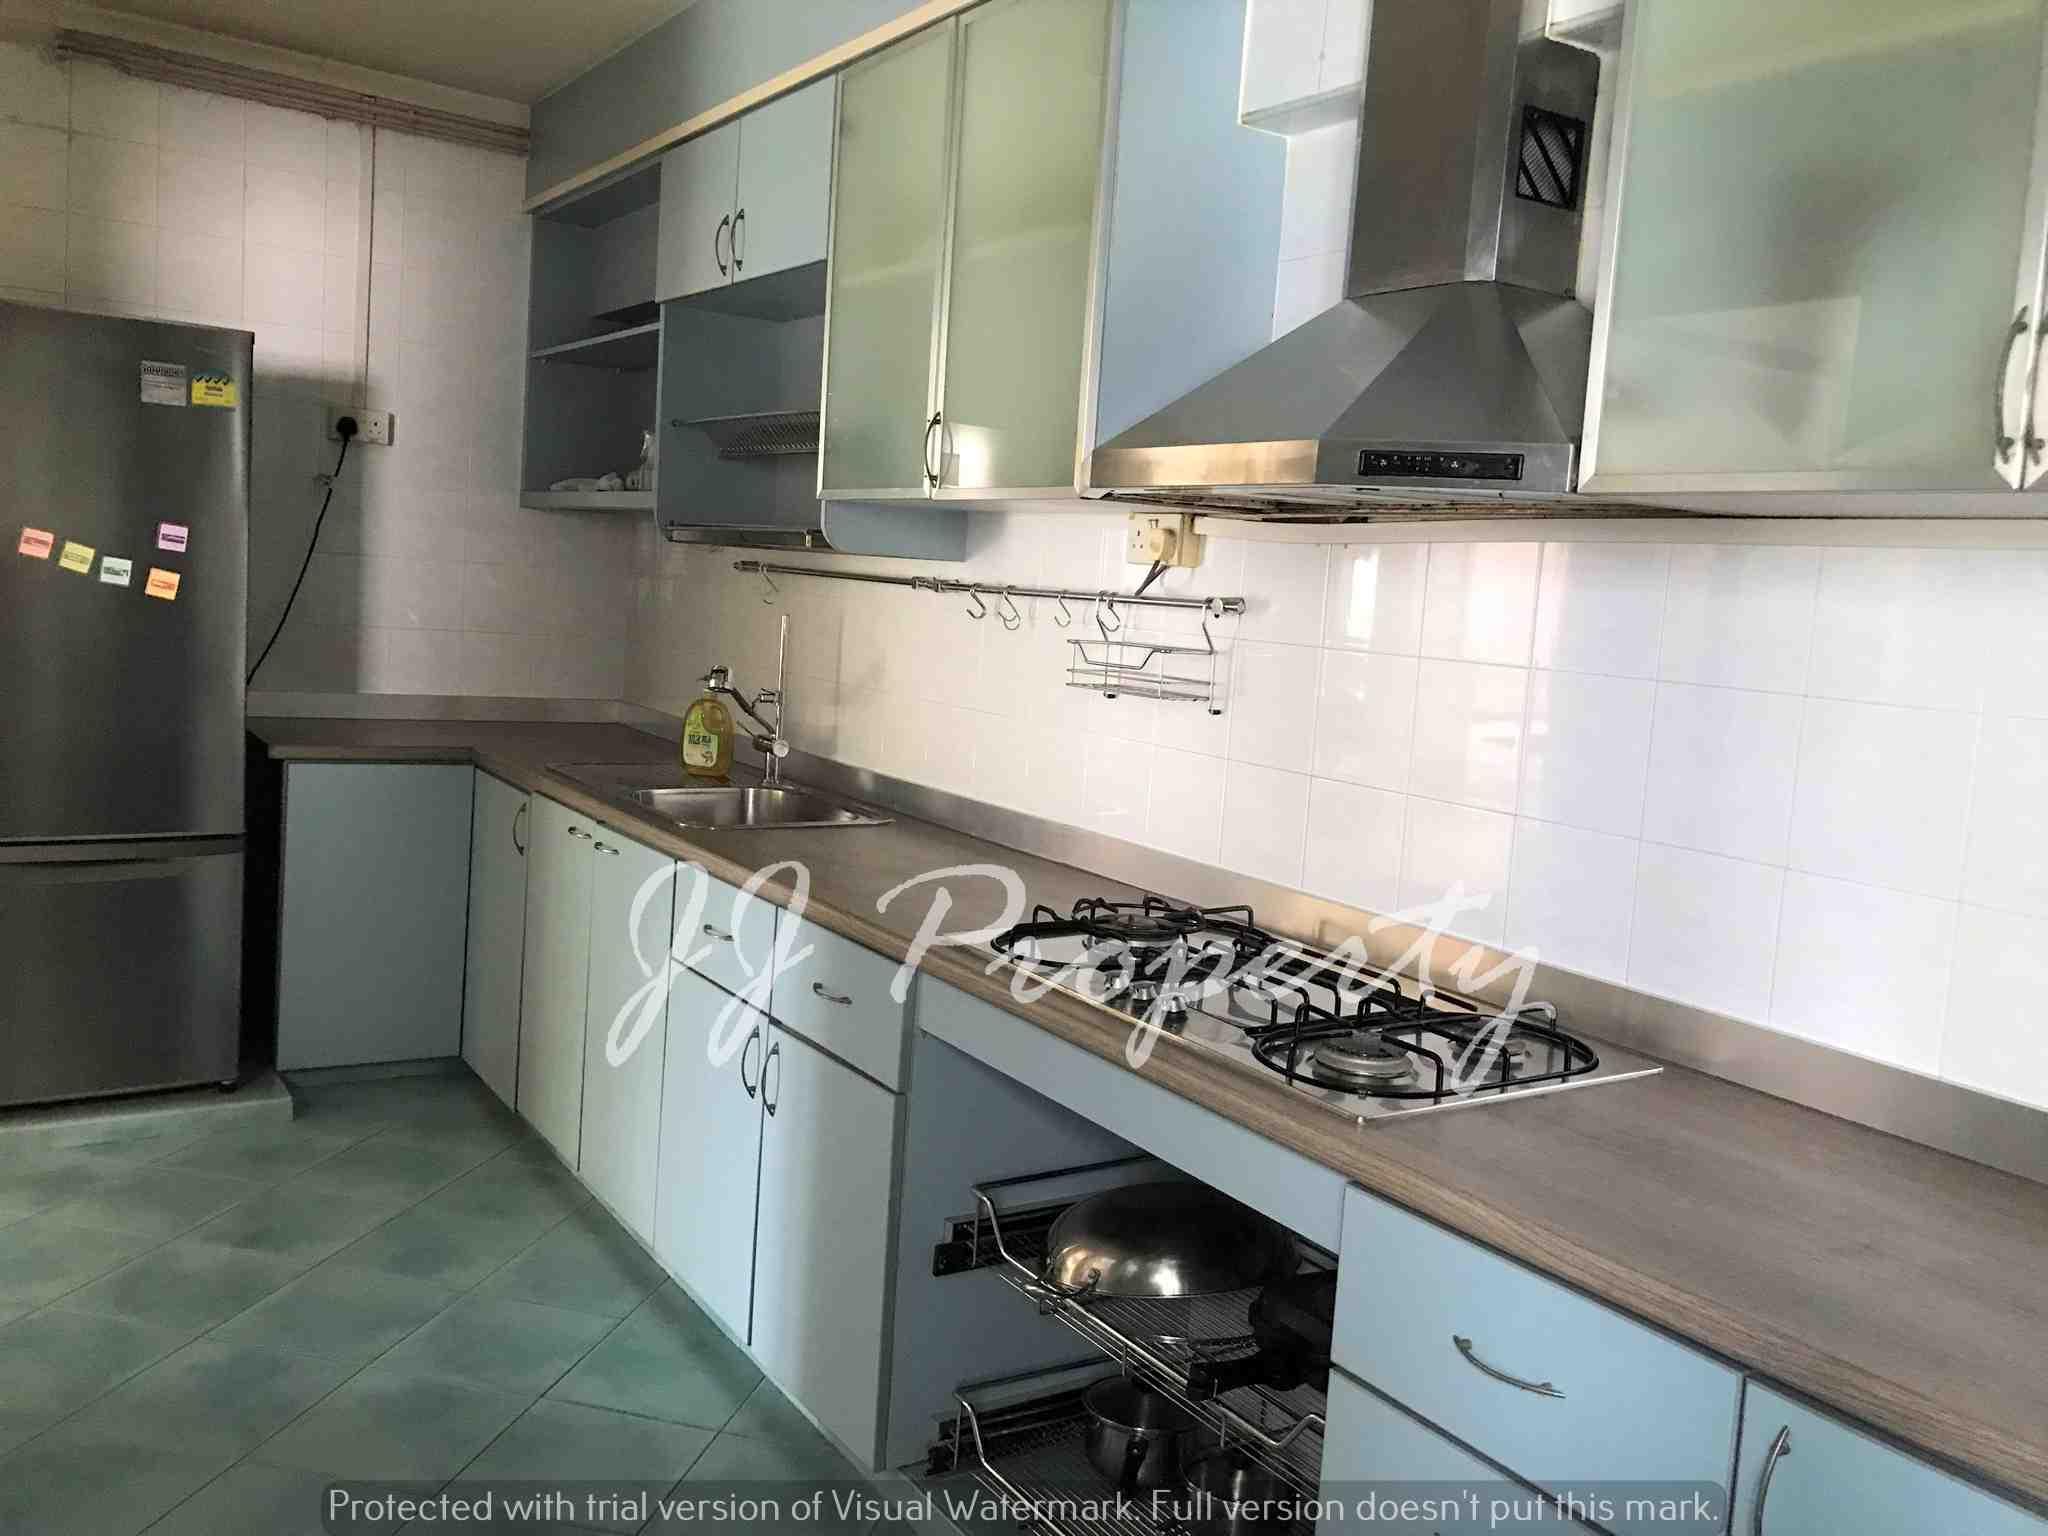 Wm kitchen